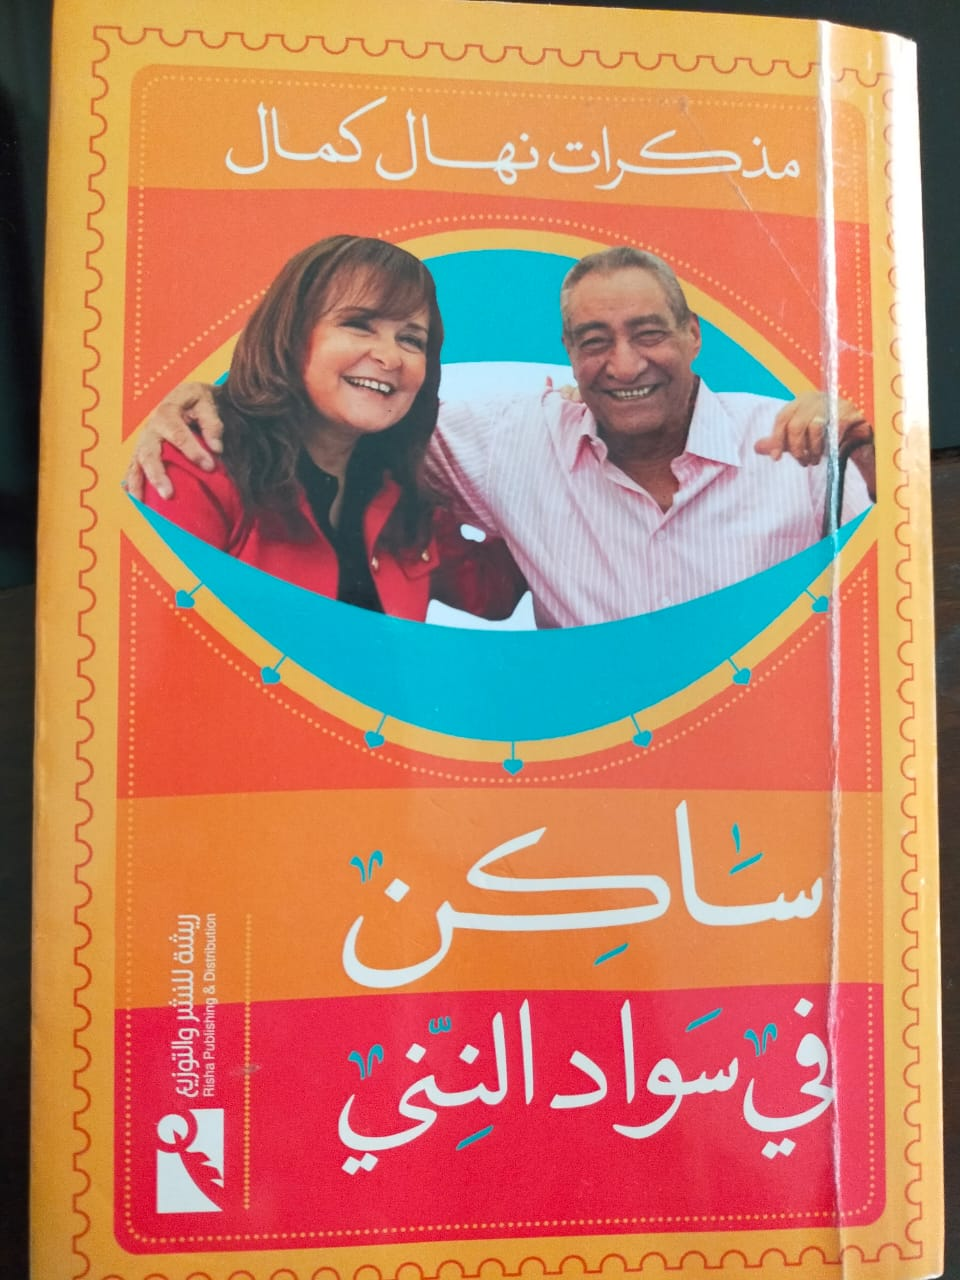 كتاب الاعلامية هديتها لزوجها فى الذكرة  السادسة لرحيله